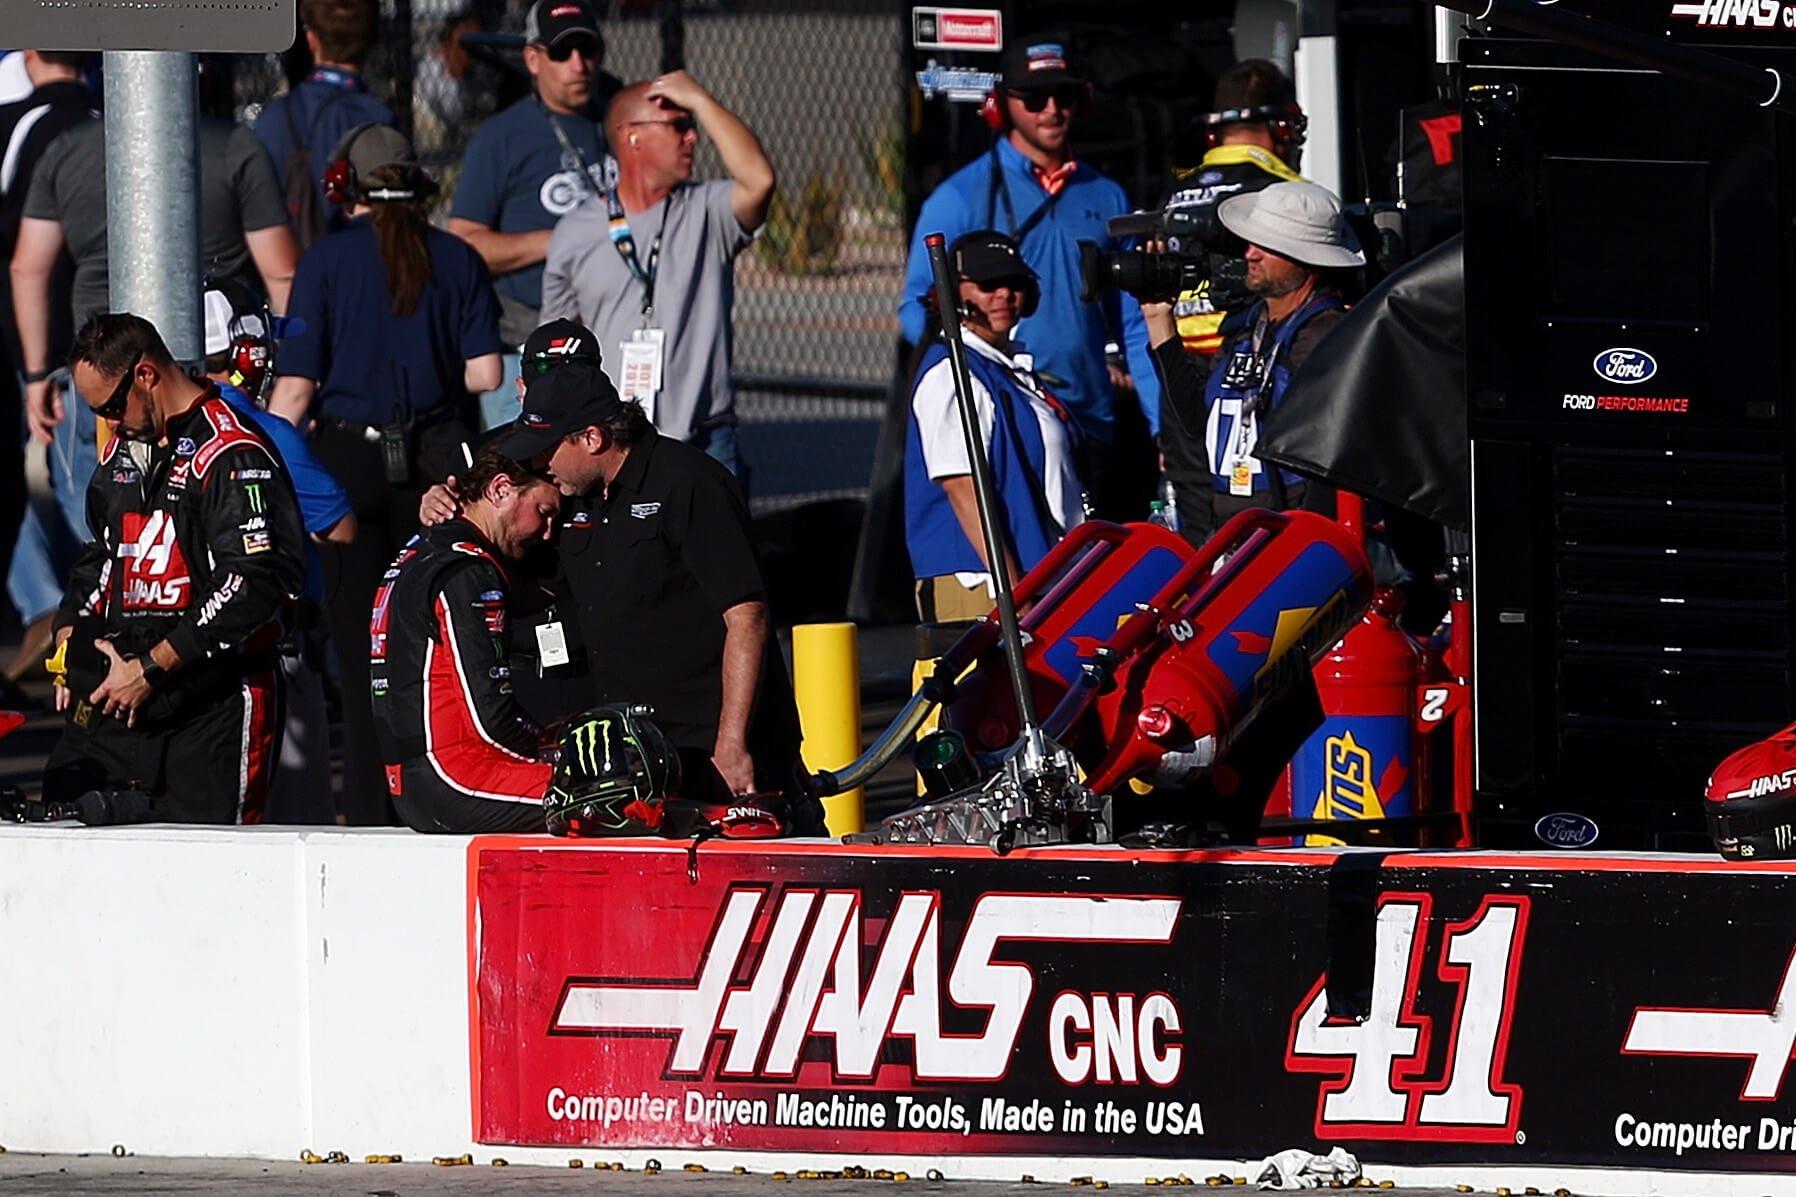 Kurt Busch and Tony Stewart embrace after the NASCAR race at ISM Raceway